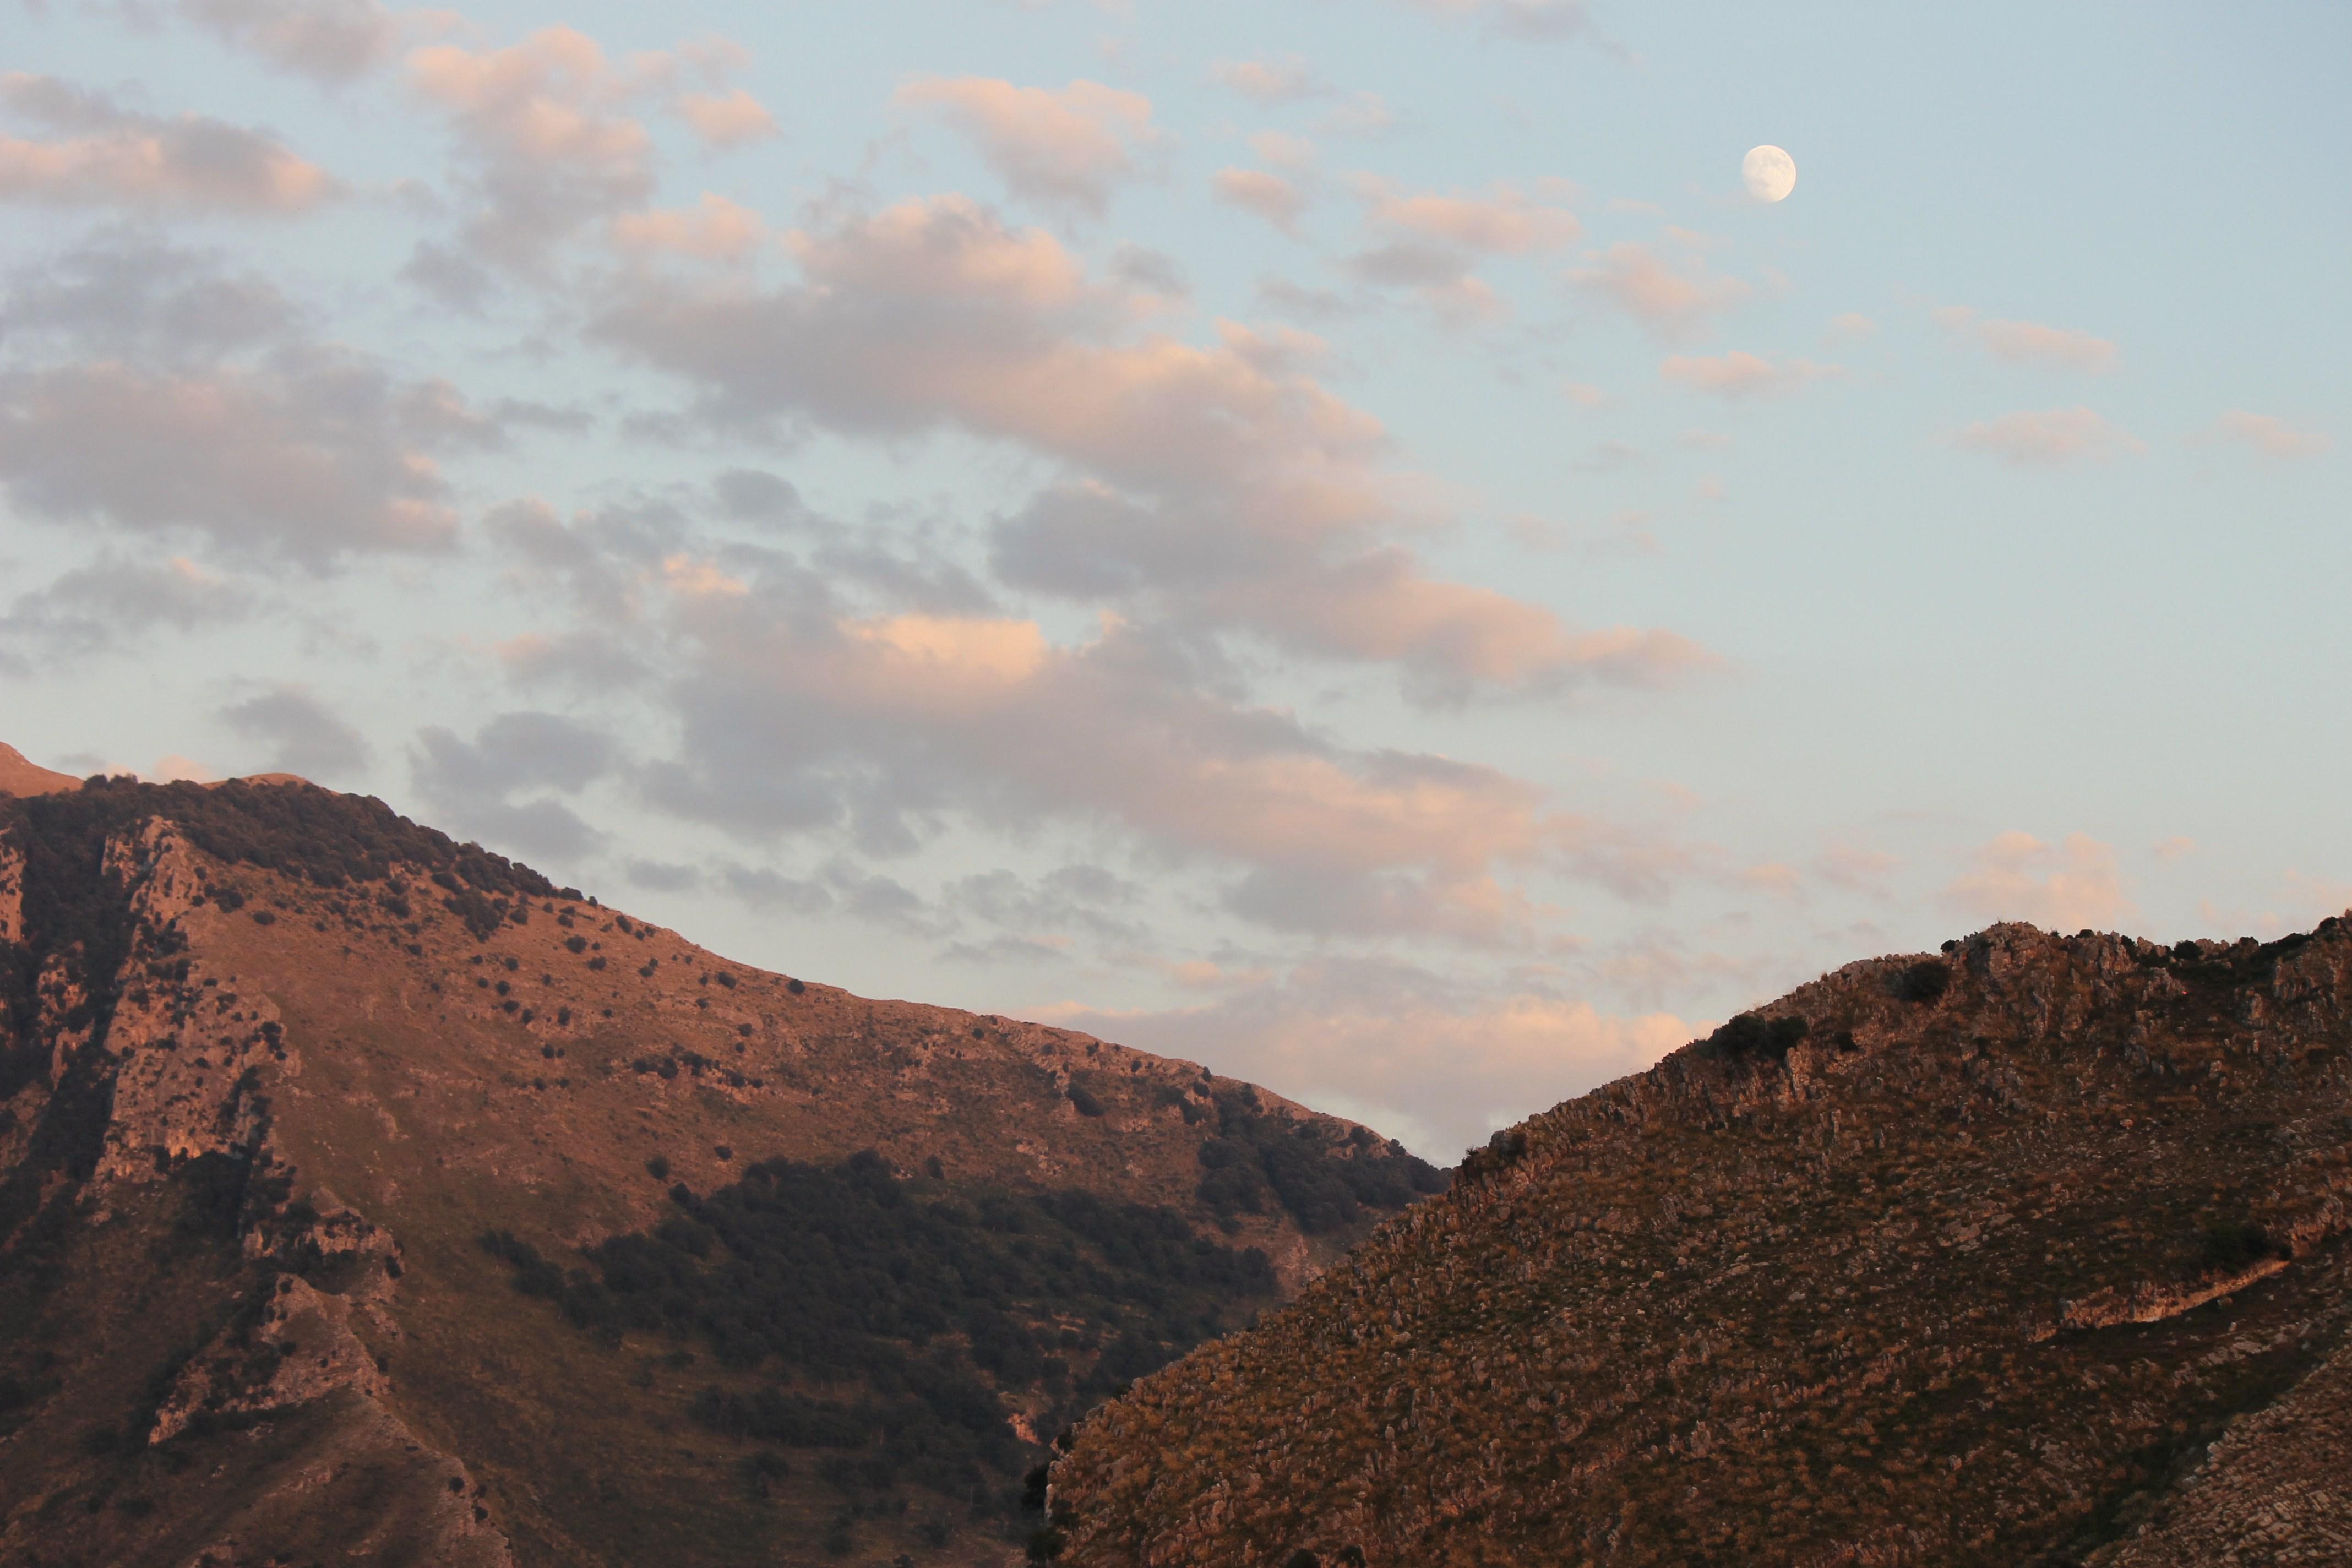 Monte Bulgheria e Monte Chiangone e luna piena che sorge al tramonto (fotografia di Gisella Forte)